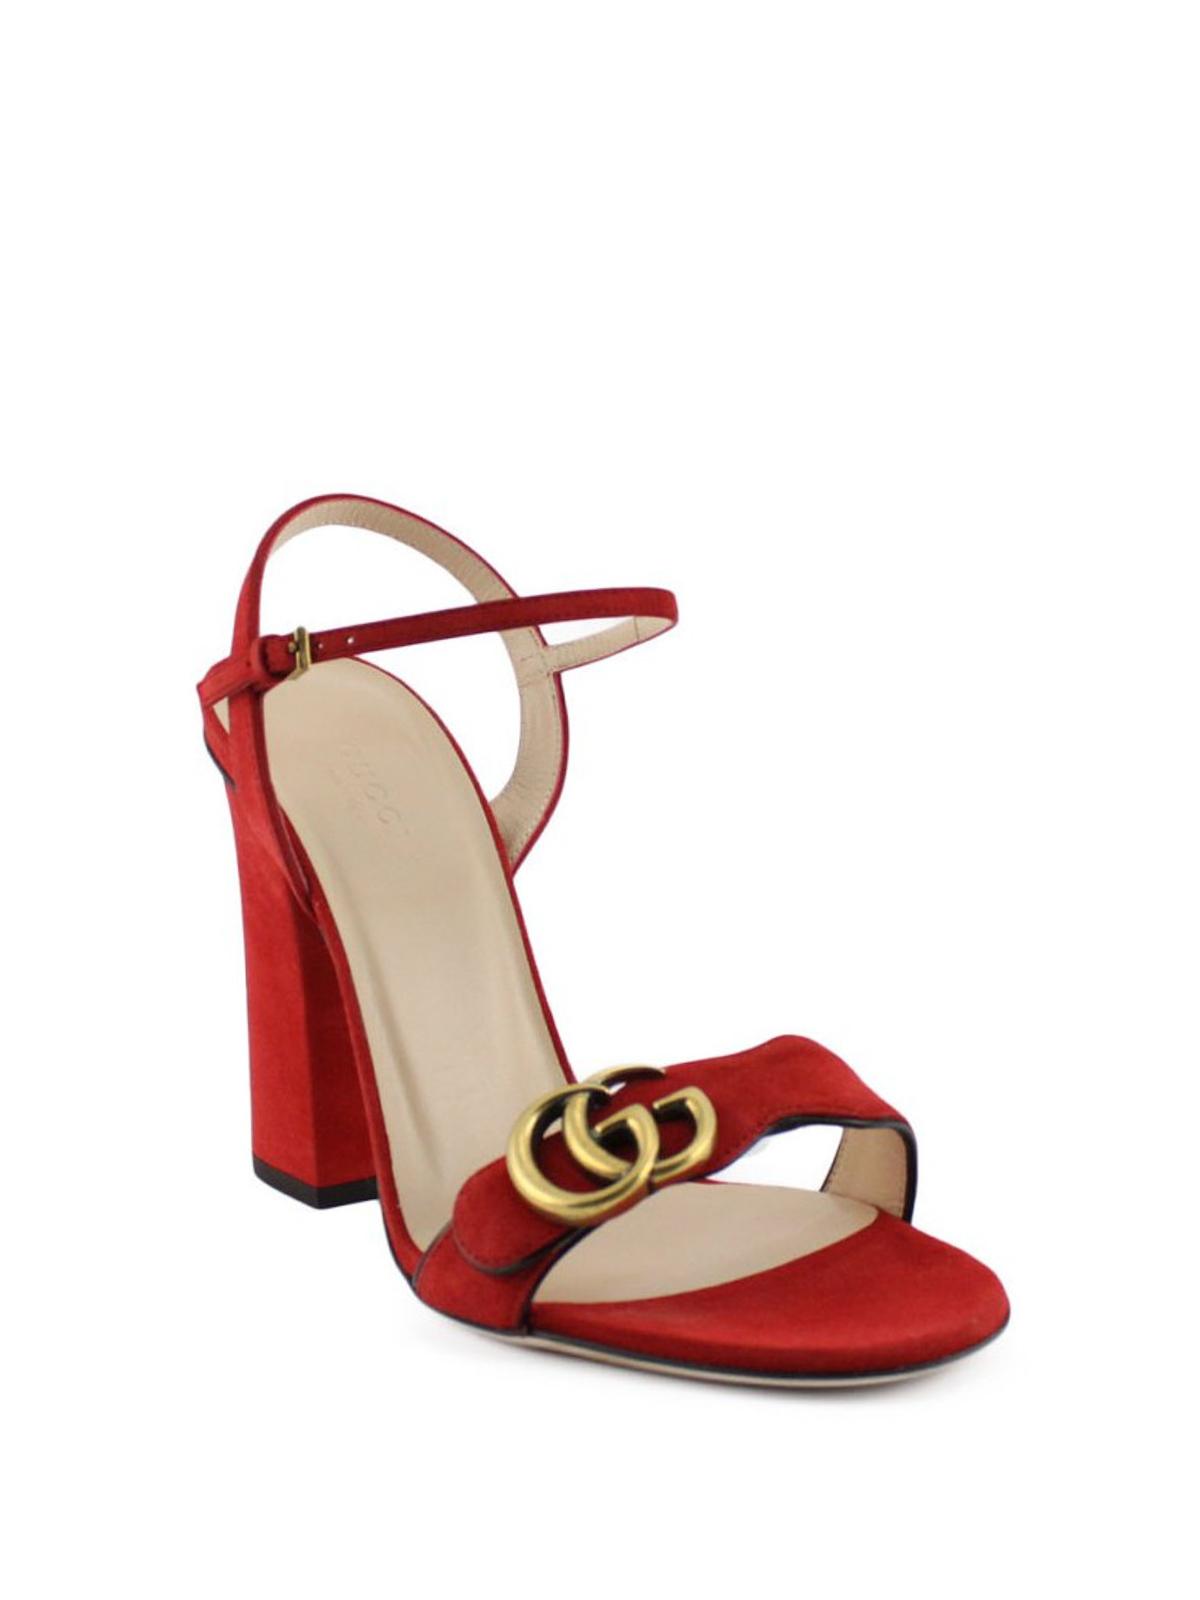 b25709d185c Gucci - Double G suede sandals - sandals - 453378C20006433